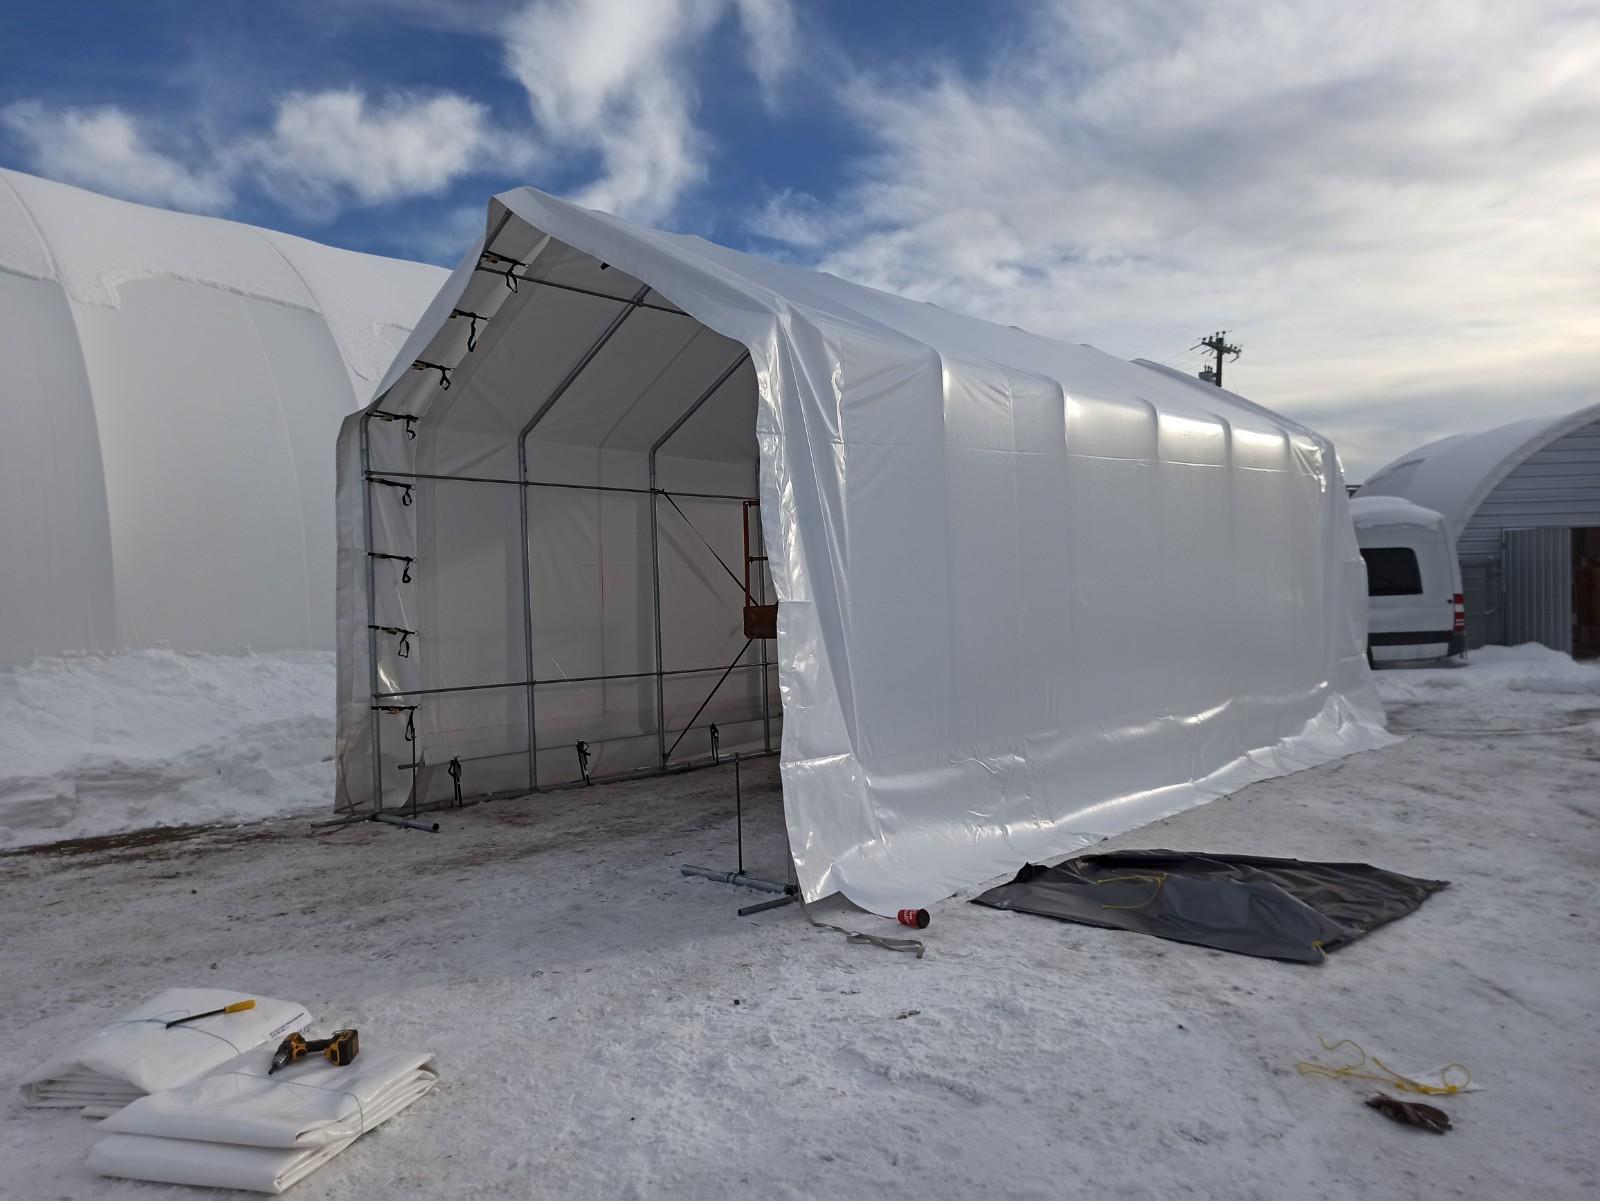 15' Wide Boat & RV Shelter Half Set-Up